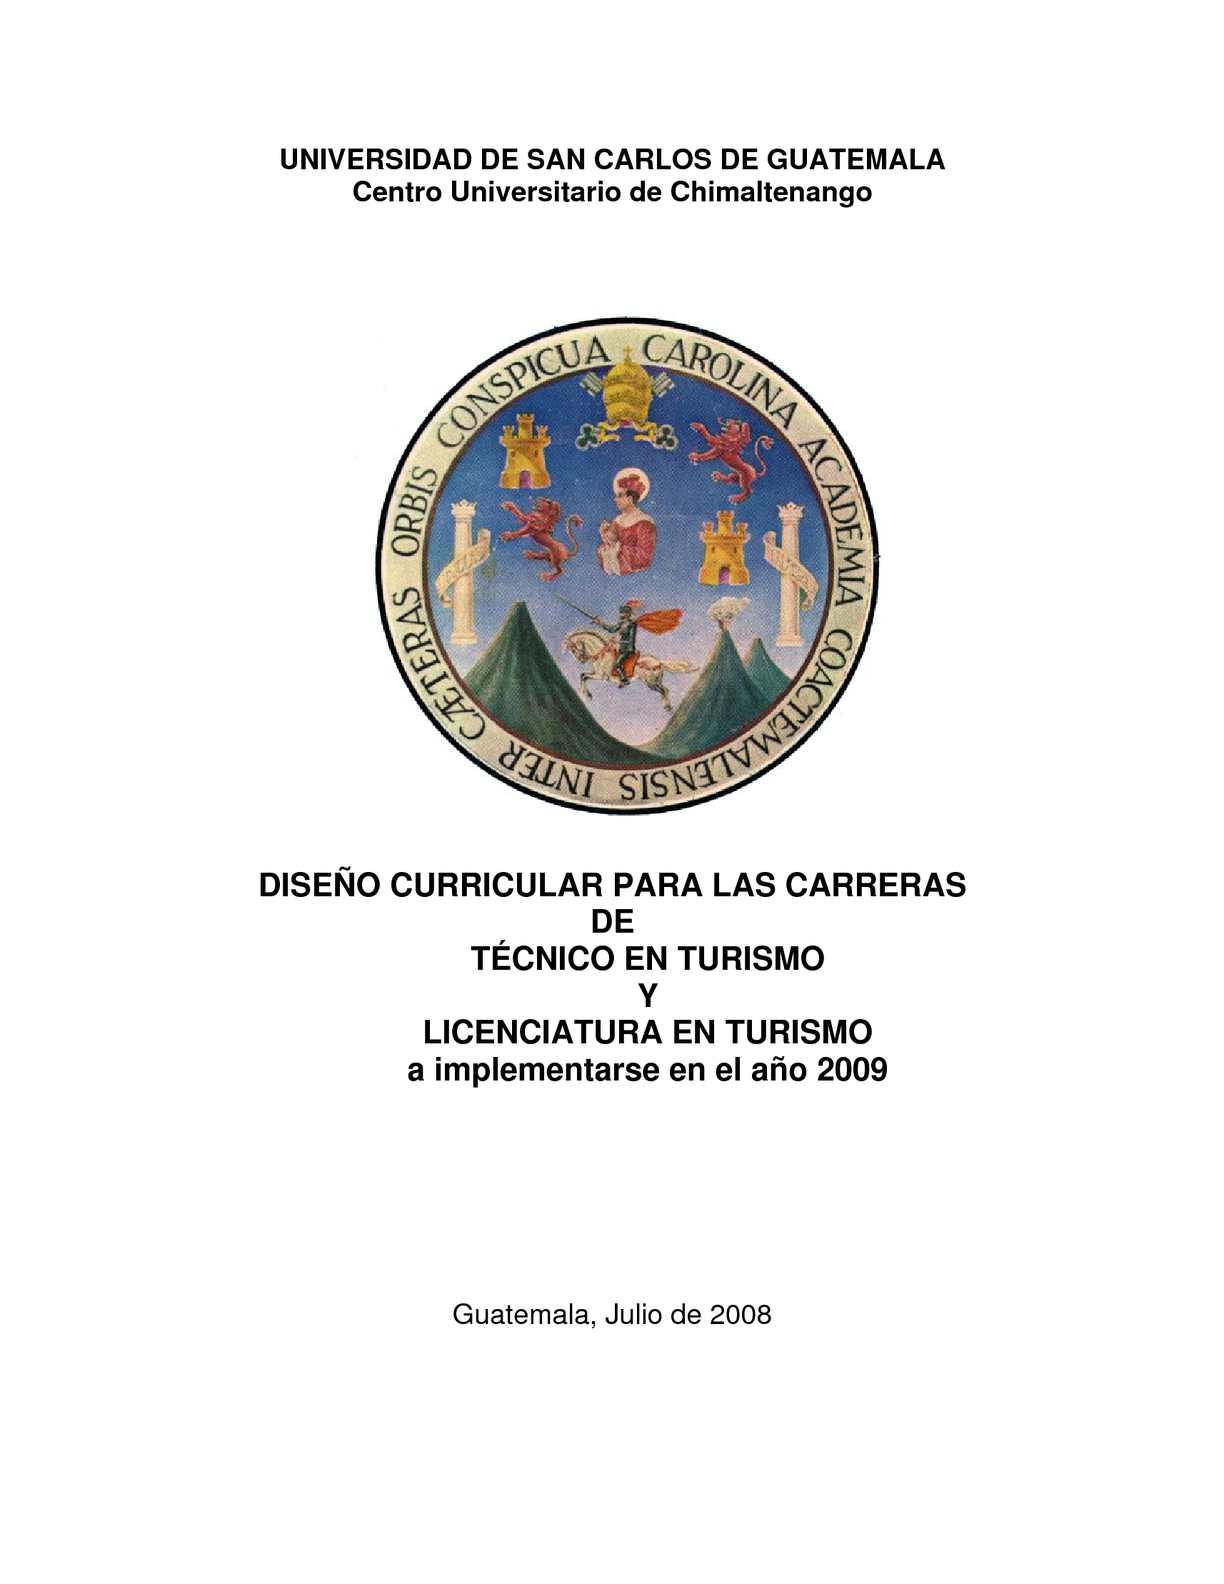 Calaméo - DISEÑO CURRICULAR DE LA CARRERA DE TURISMO EN EL CUNDECH